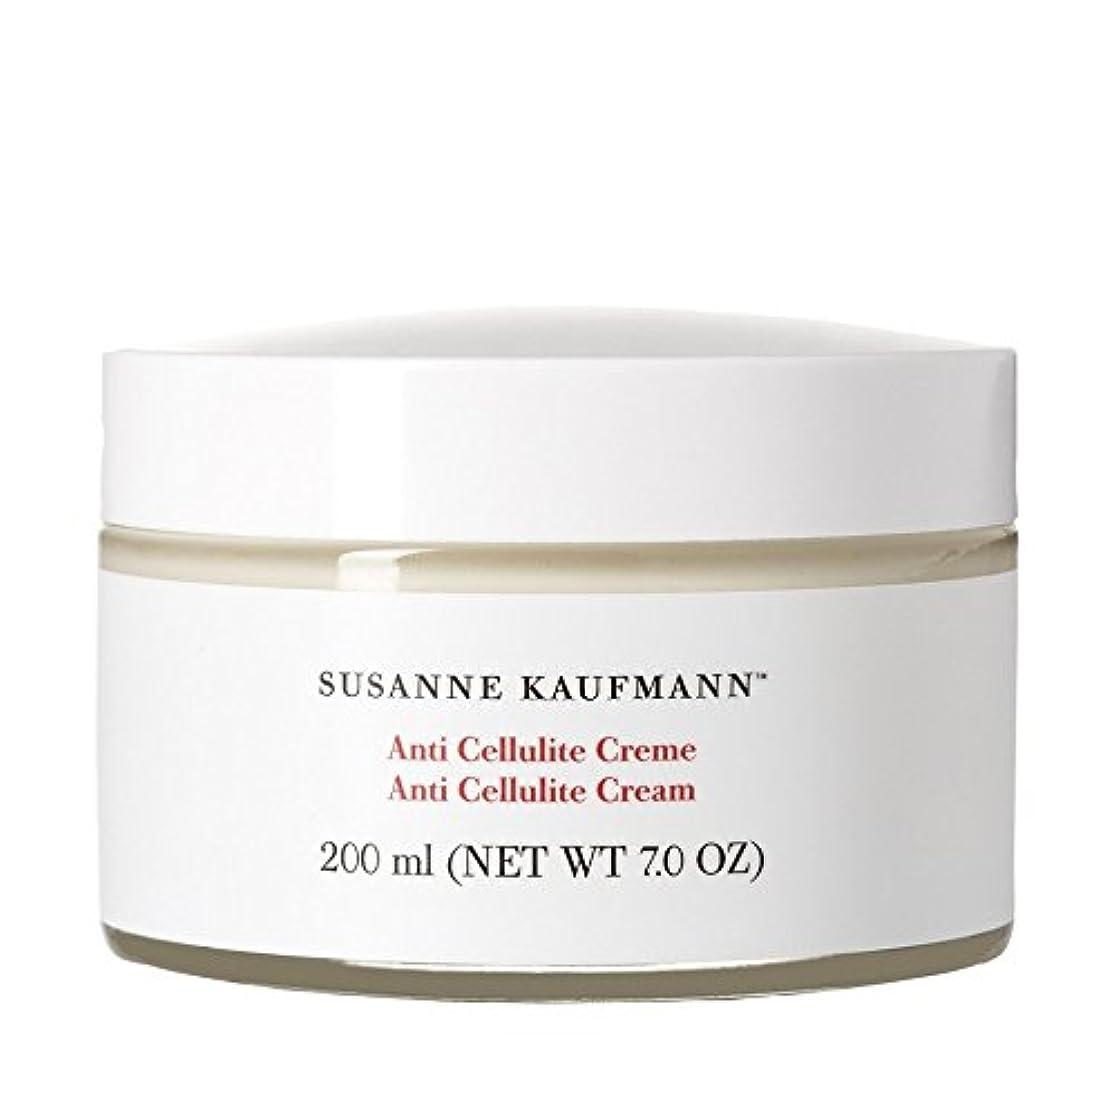 くつろぎナット急勾配のSusanne Kaufmann Anti Cellulite Cream 200ml - スザンヌカウフマン抗セルライトクリーム200ミリリットル [並行輸入品]